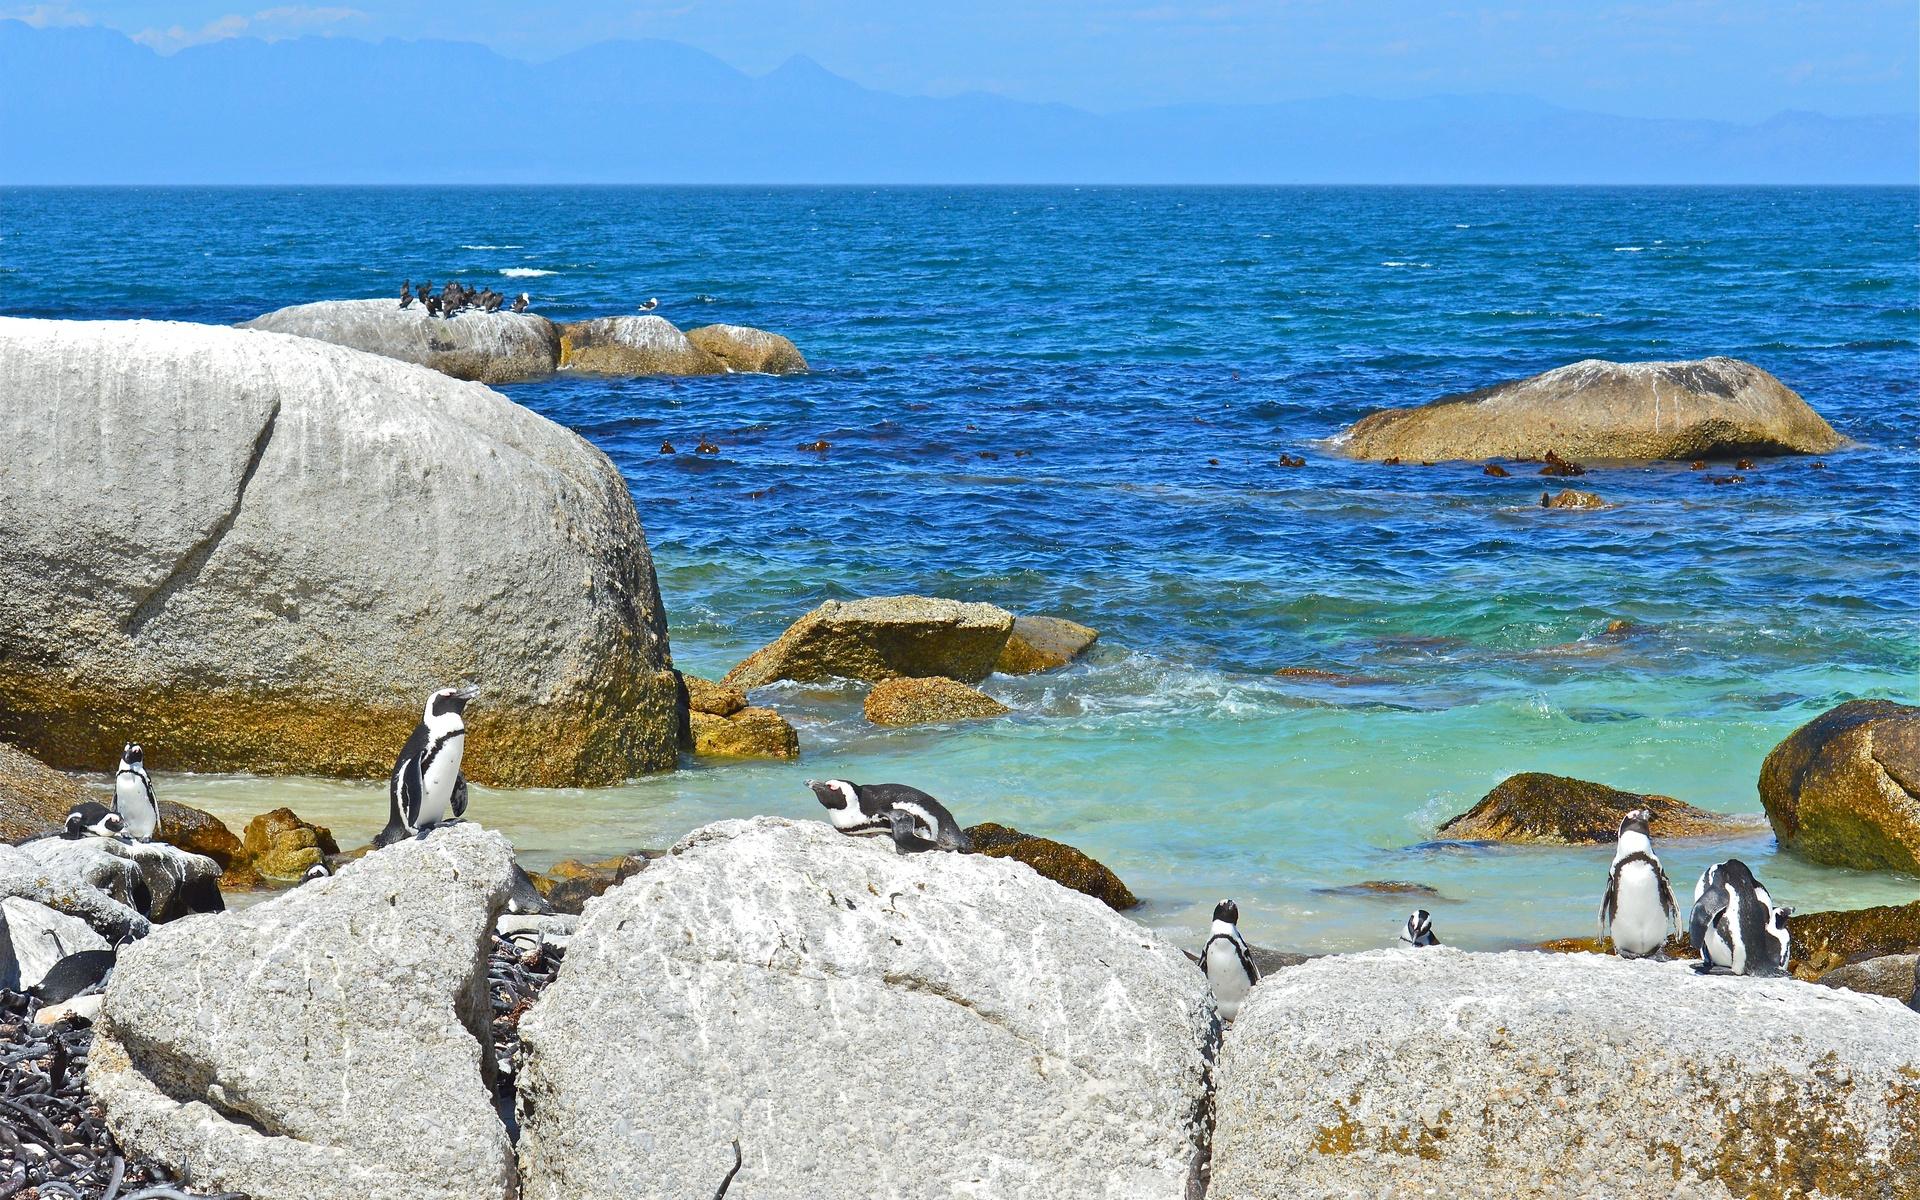 Пингвины на камушках  № 2020582 загрузить